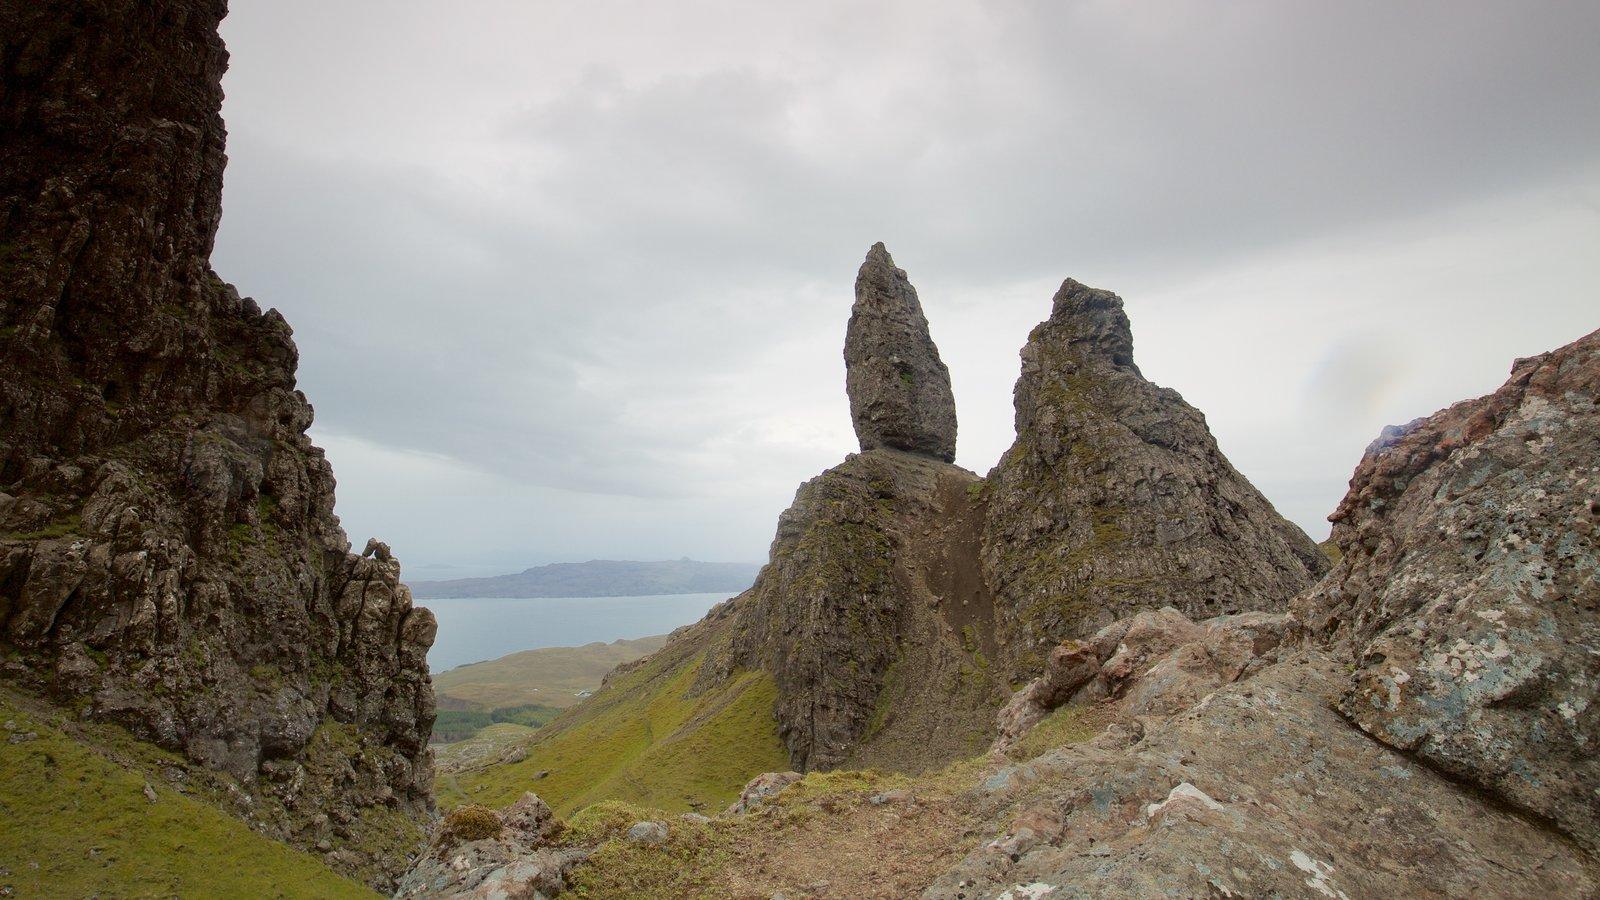 Old Man of Storr mostrando escenas tranquilas, un monumento y montañas